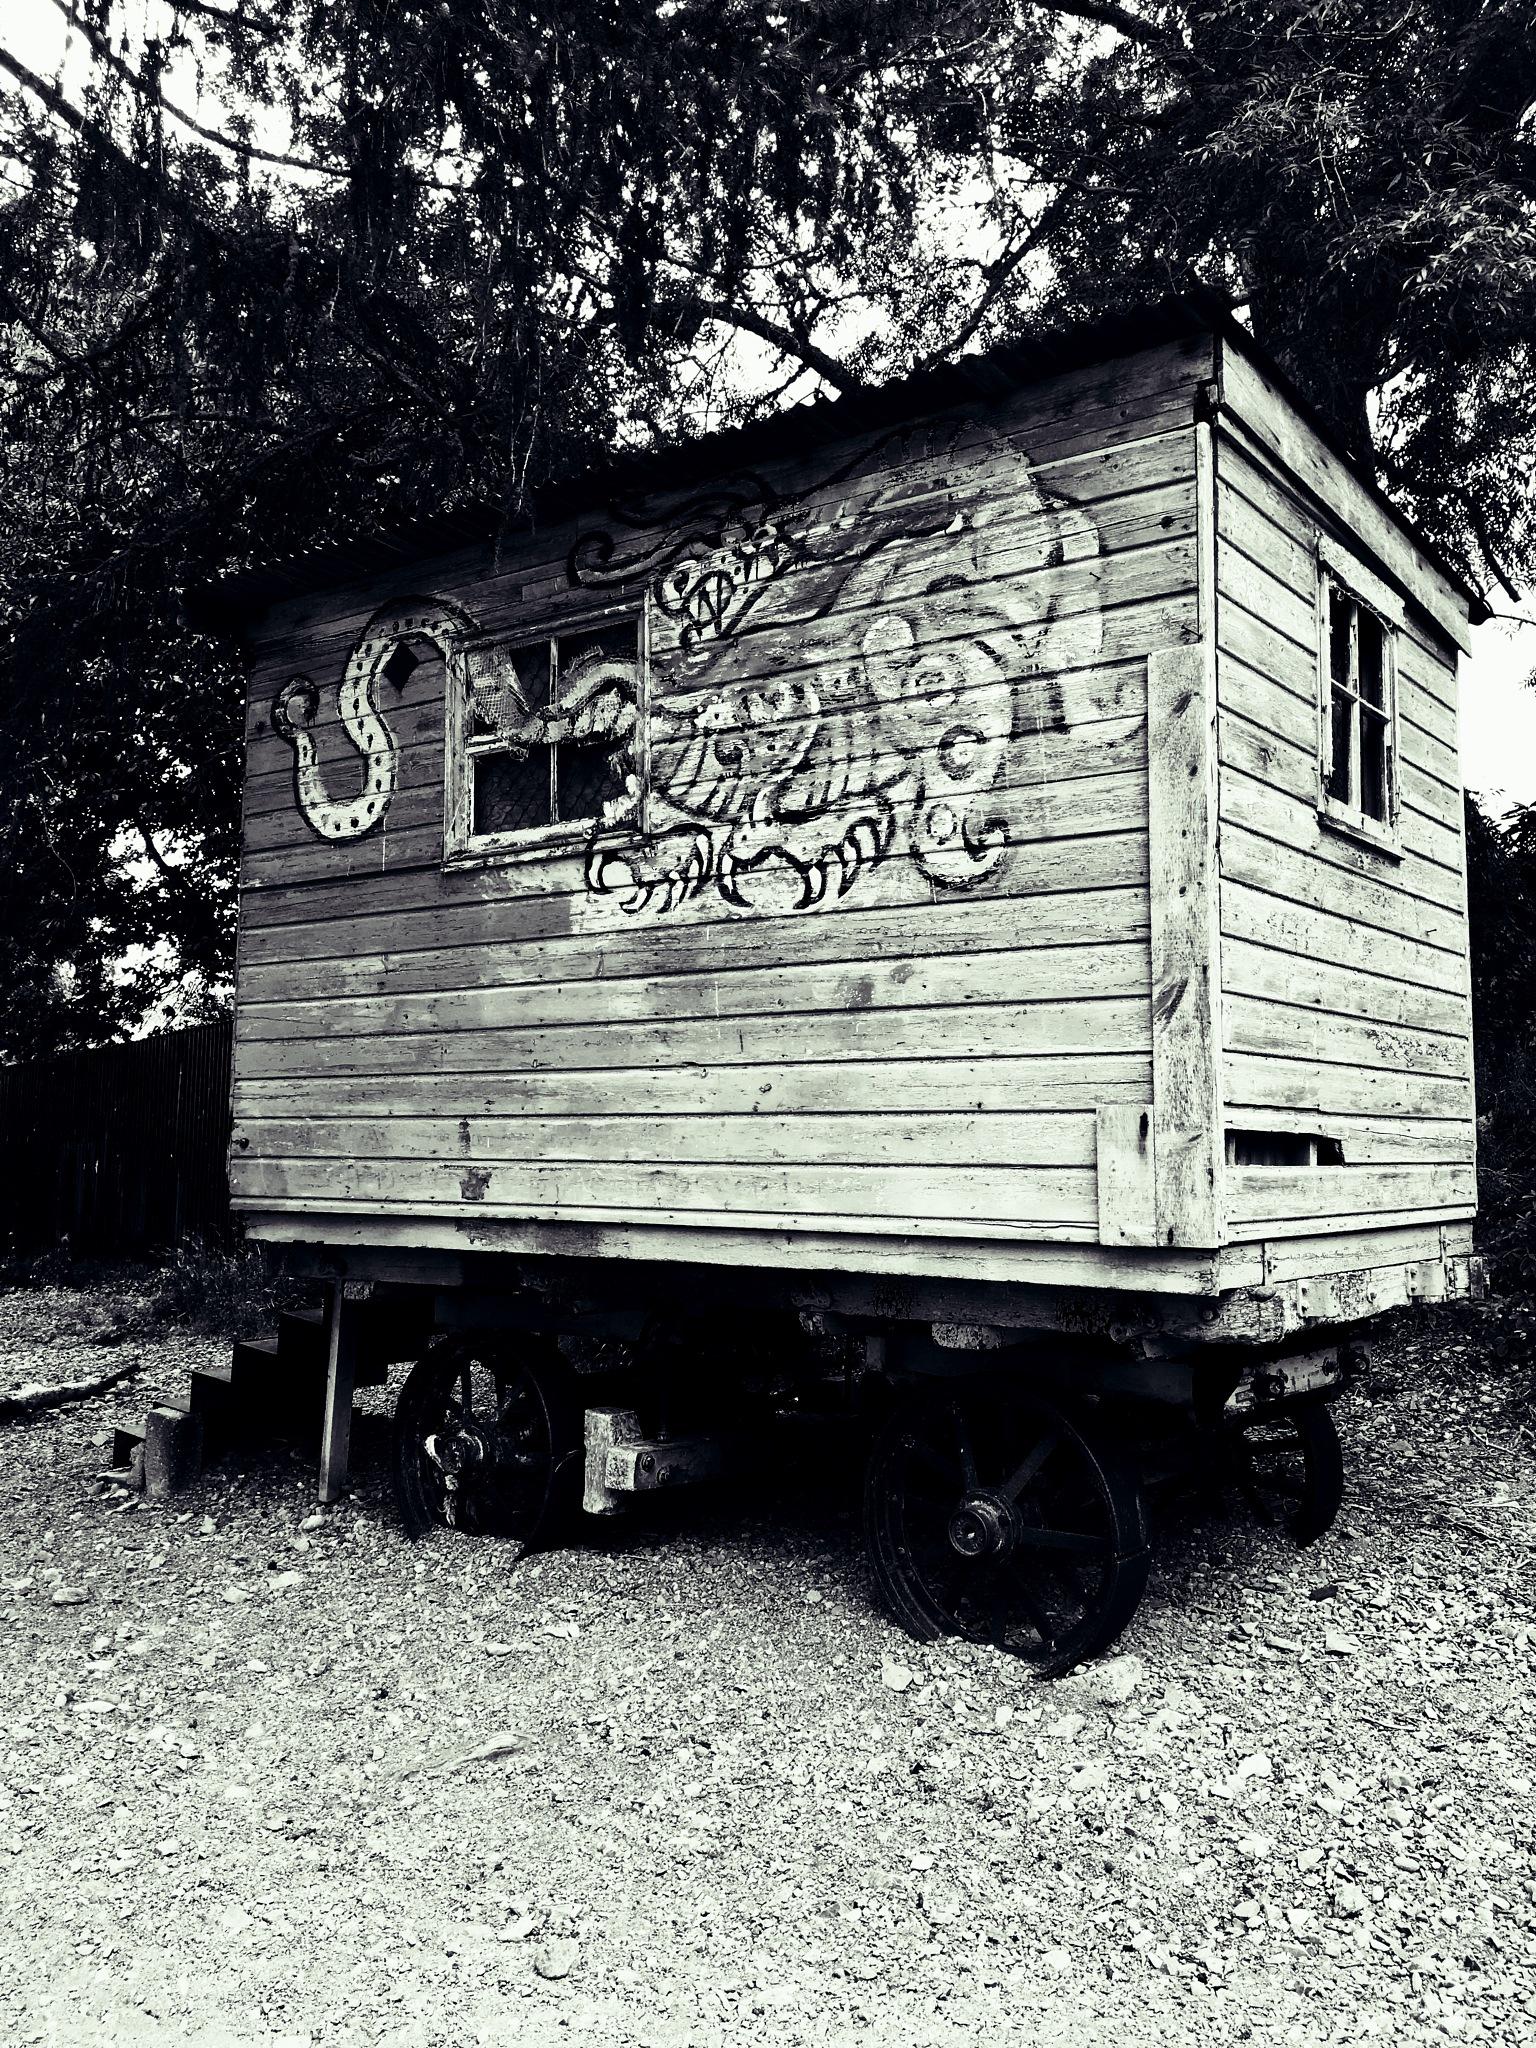 Hut by Paul Stobbs